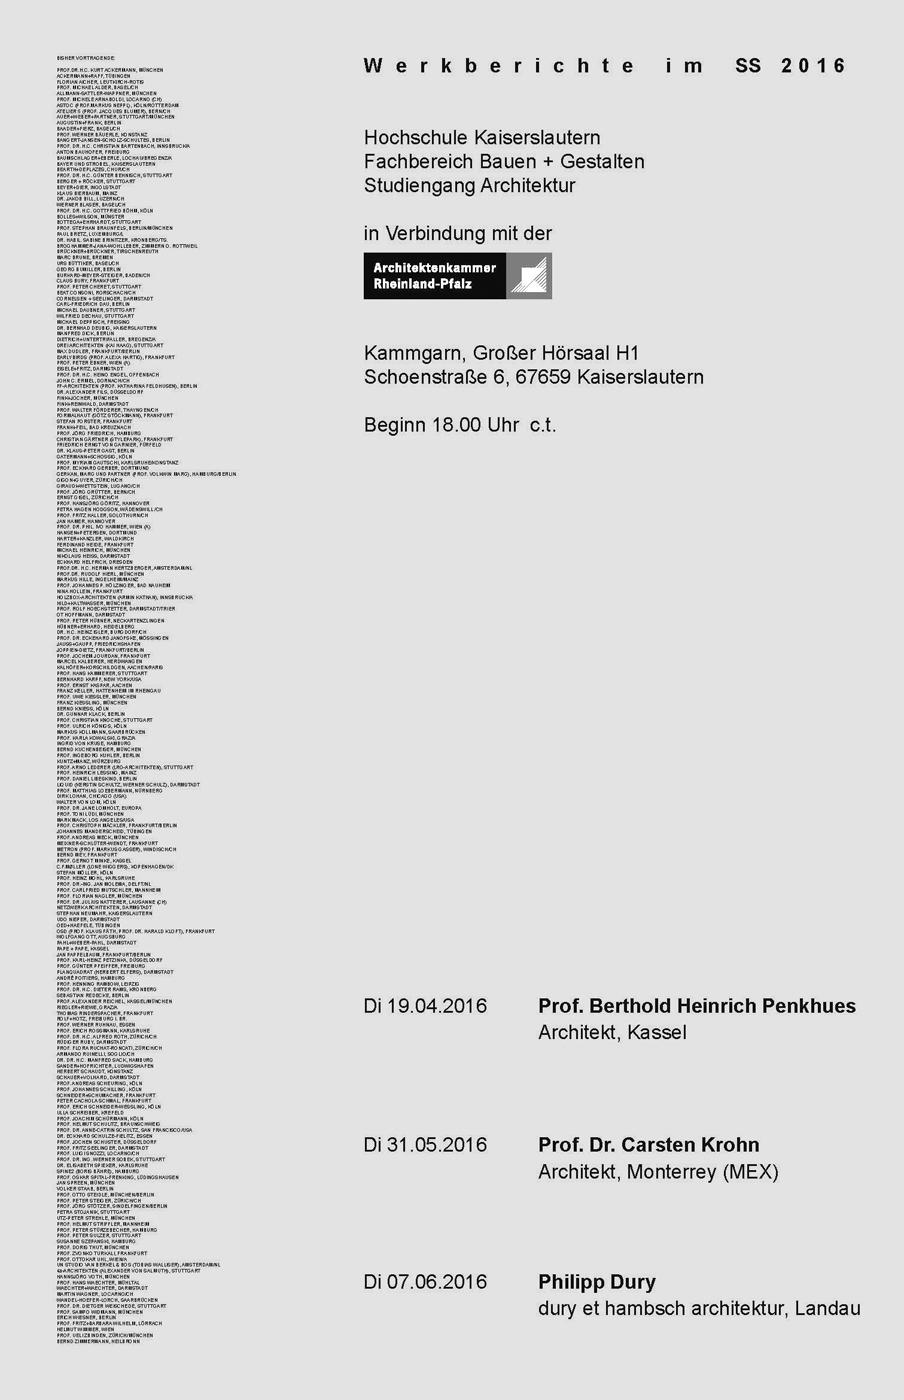 programm_werkberichte_SS16_plakat_aktuell_fin